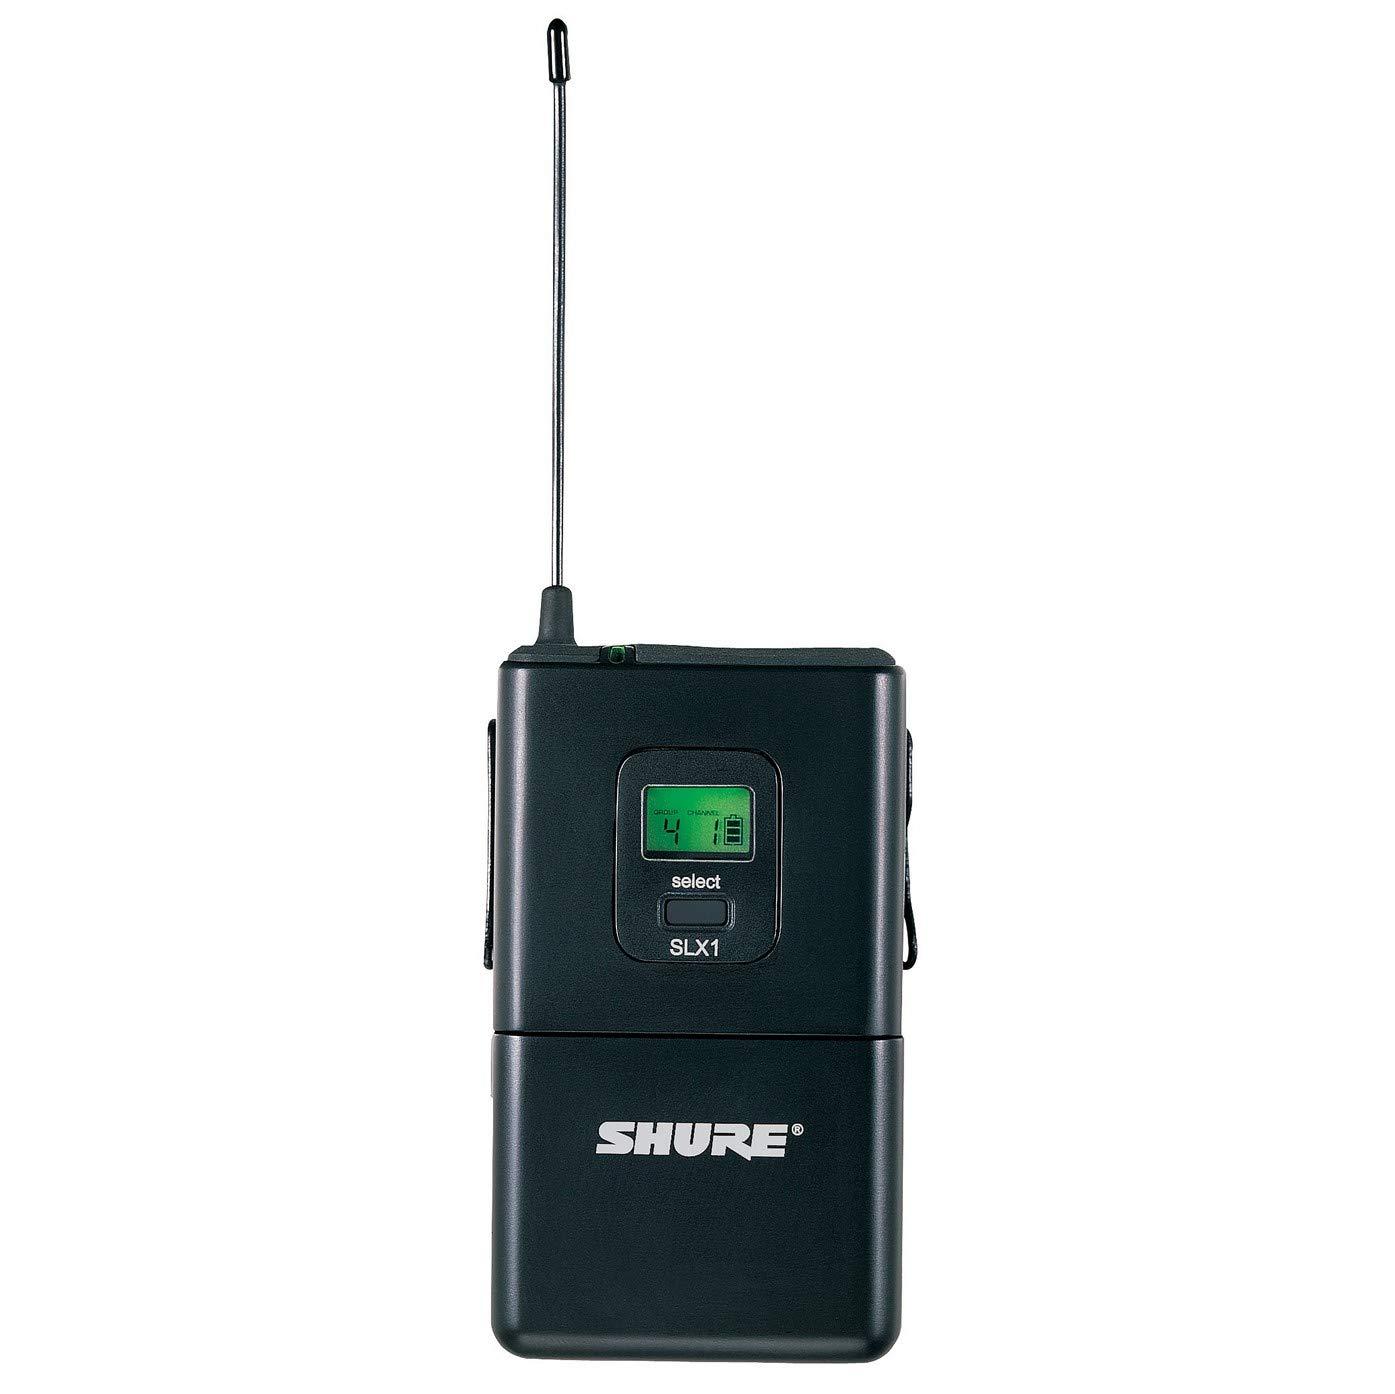 Shure SLX1 Bodypack Transmitter, J3 by Shure